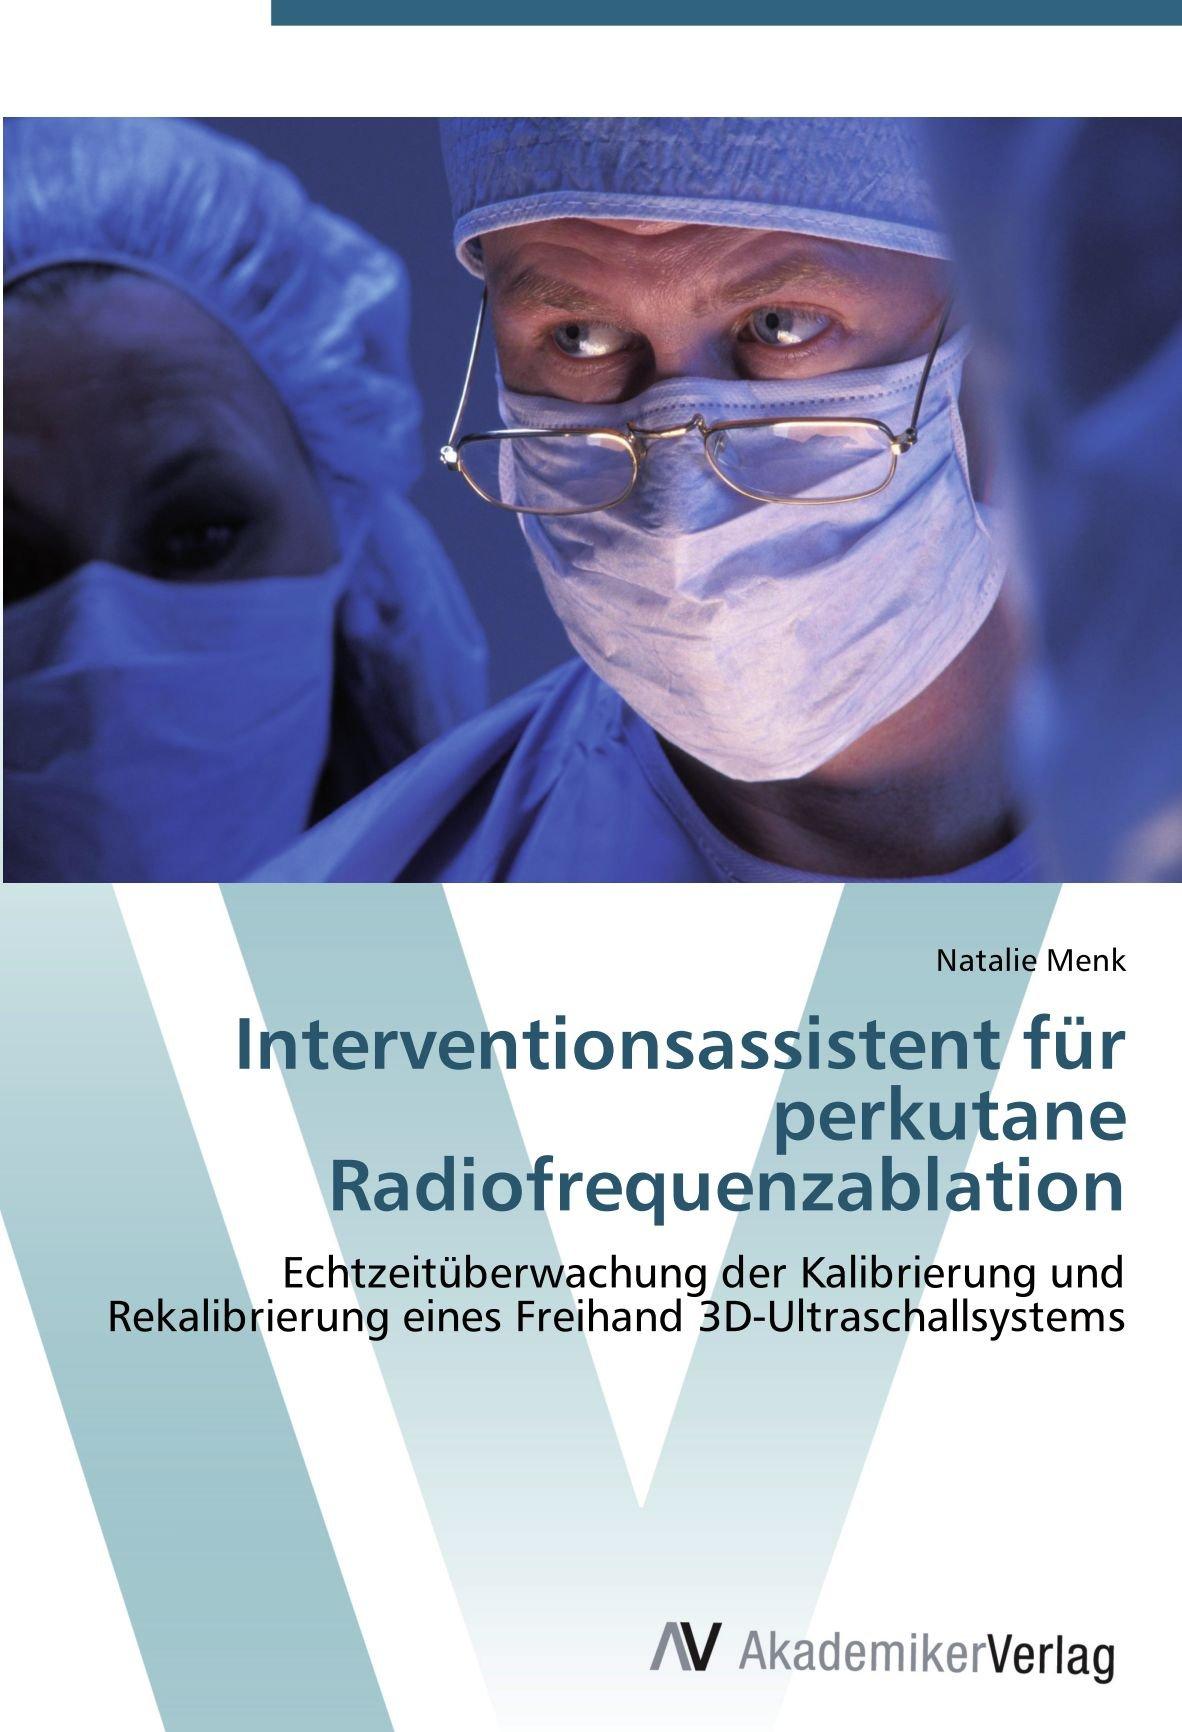 Interventionsassistent für perkutane Radiofrequenzablation: Echtzeitüberwachung der Kalibrierung und Rekalibrierung eines Freihand 3D-Ultraschallsystems (German Edition) PDF